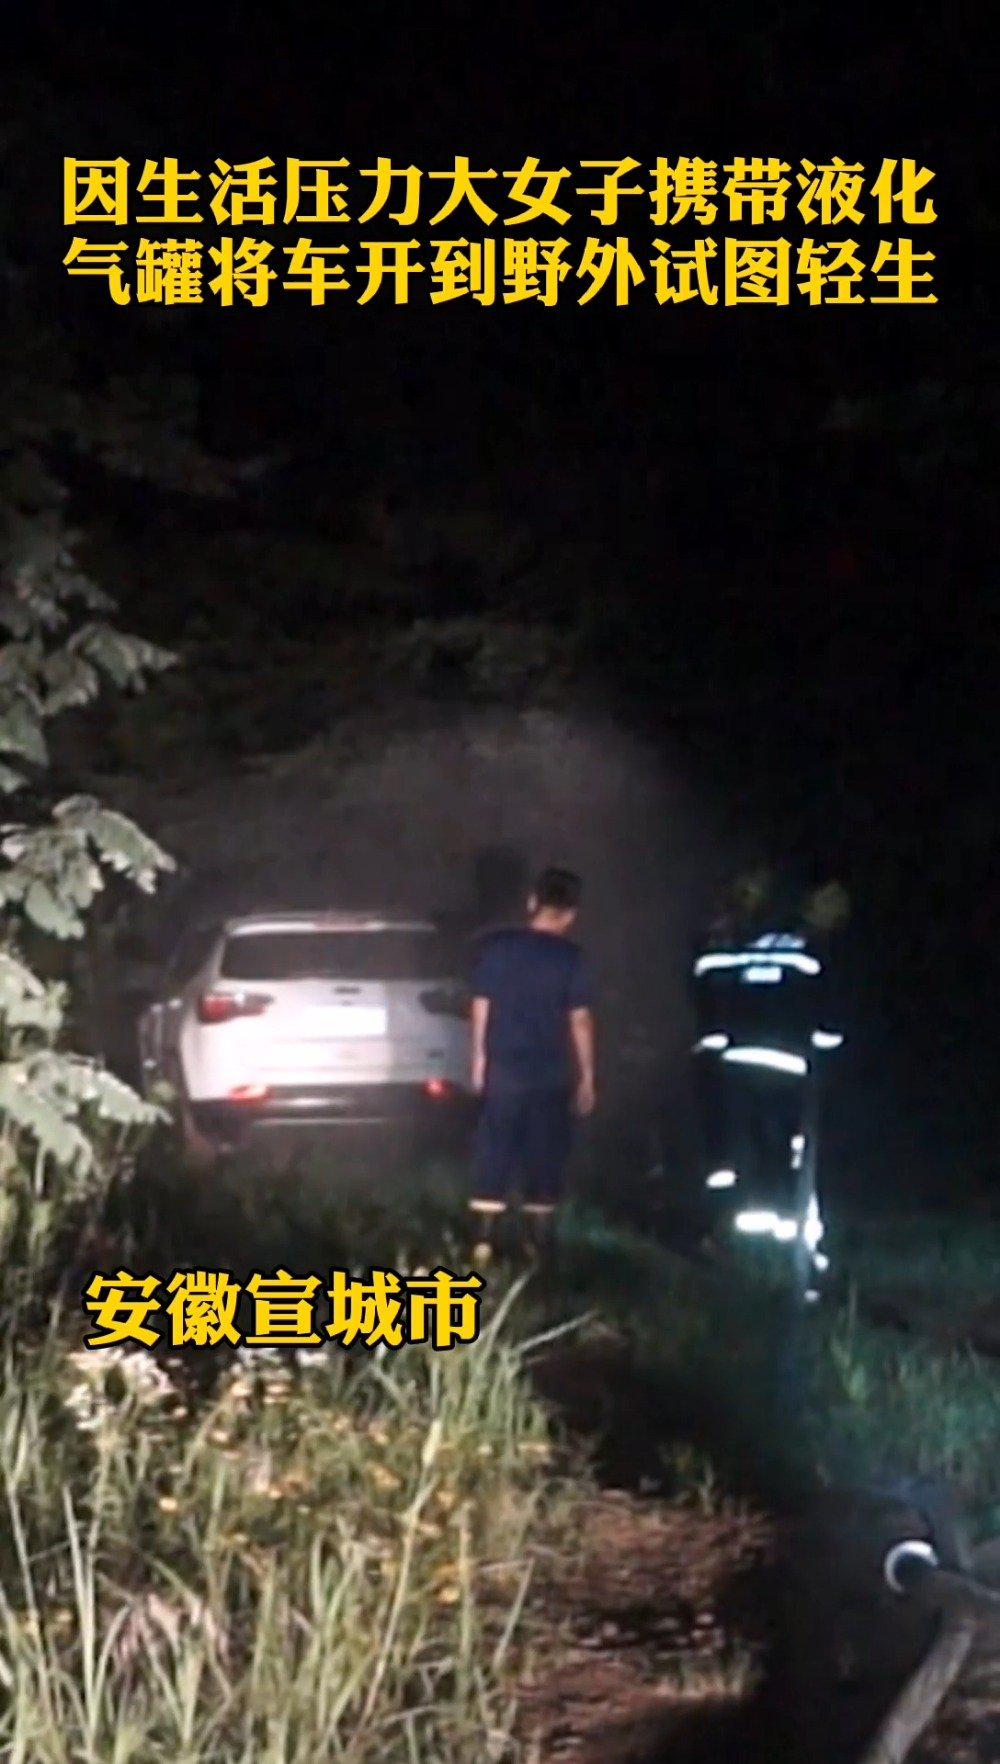 宣城 女子车内打开液化气罐轻生,消防紧急施救